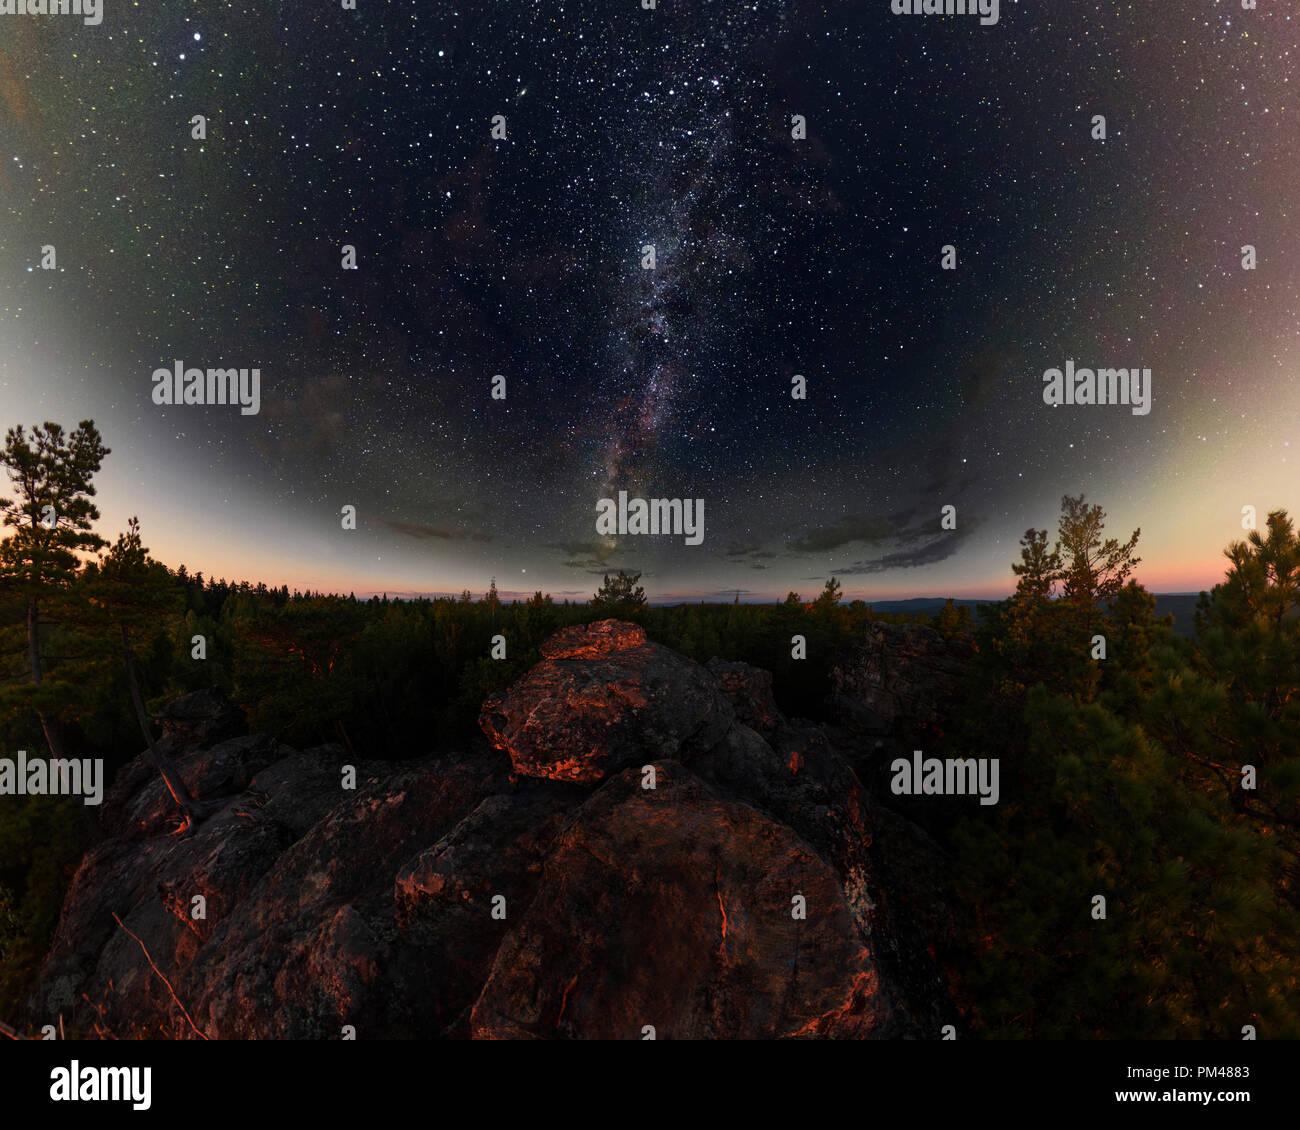 Amanecer en el bosque bajo el cielo estrellado de una vía láctea. Panorama. Foto de stock